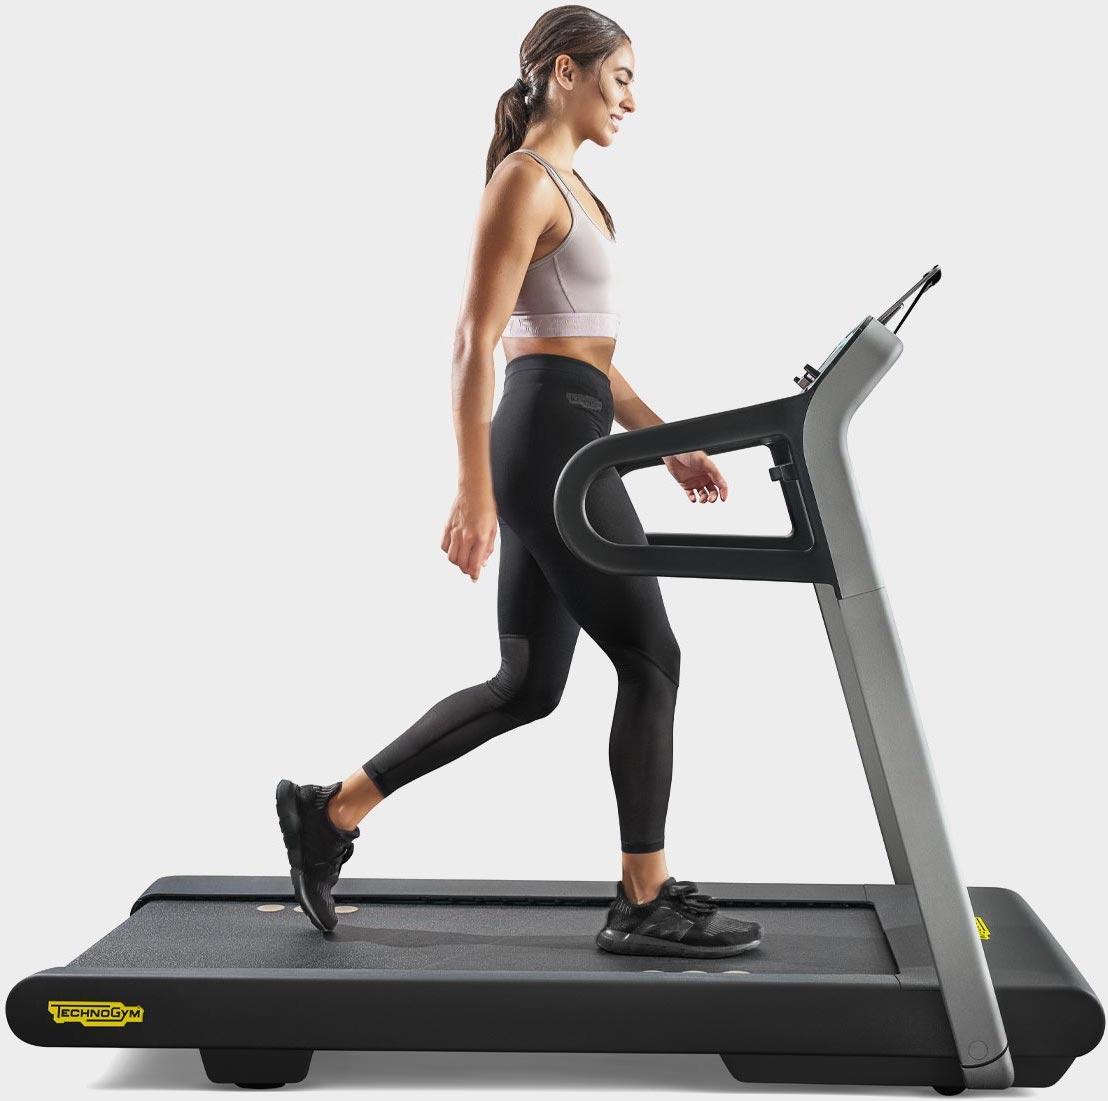 Technogym Myrun Treadmill Running Walking Family